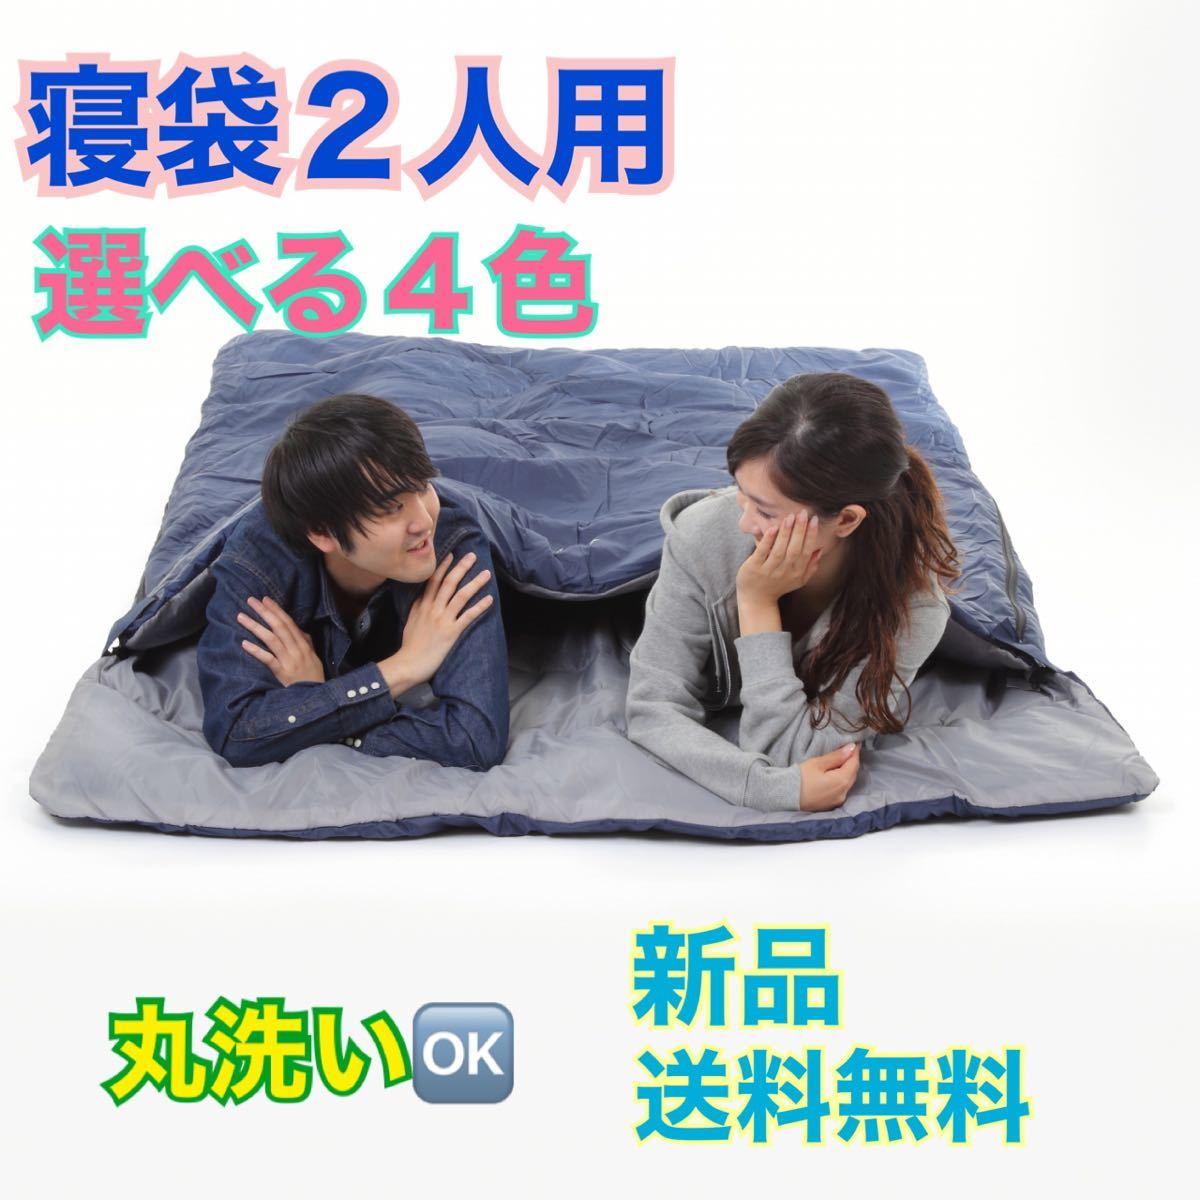 寝袋 シュラフ 人気 丸洗い キャンプ 2人用 抗菌仕様 車中泊 マット お泊り 寝袋シュラフ 家族 ファミリーキャンプ デート